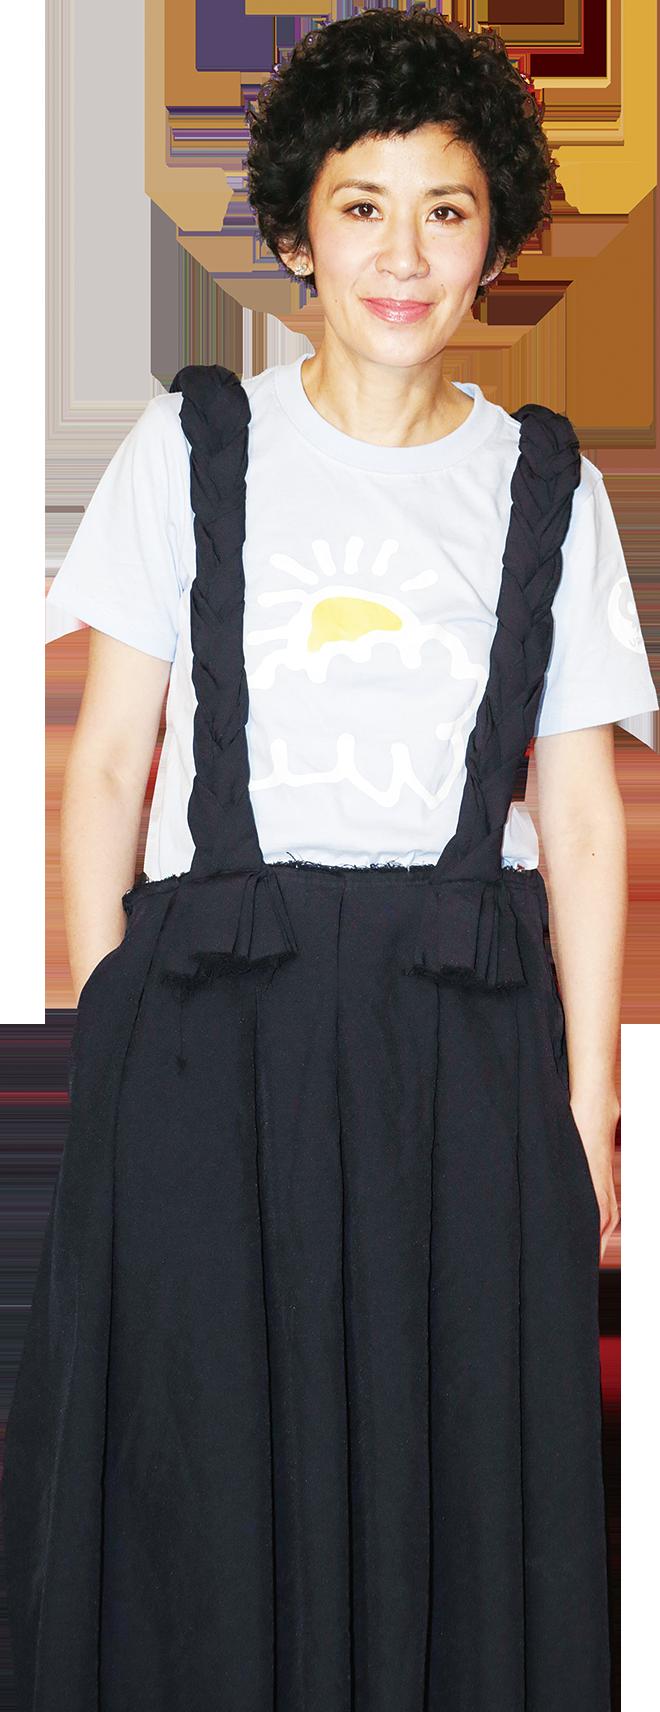 電影節大使吳君如小姐身穿KIFF T-shirt到場,與大家分享自己經常帶女兒看電影的趣事。(高先電影公司提供)